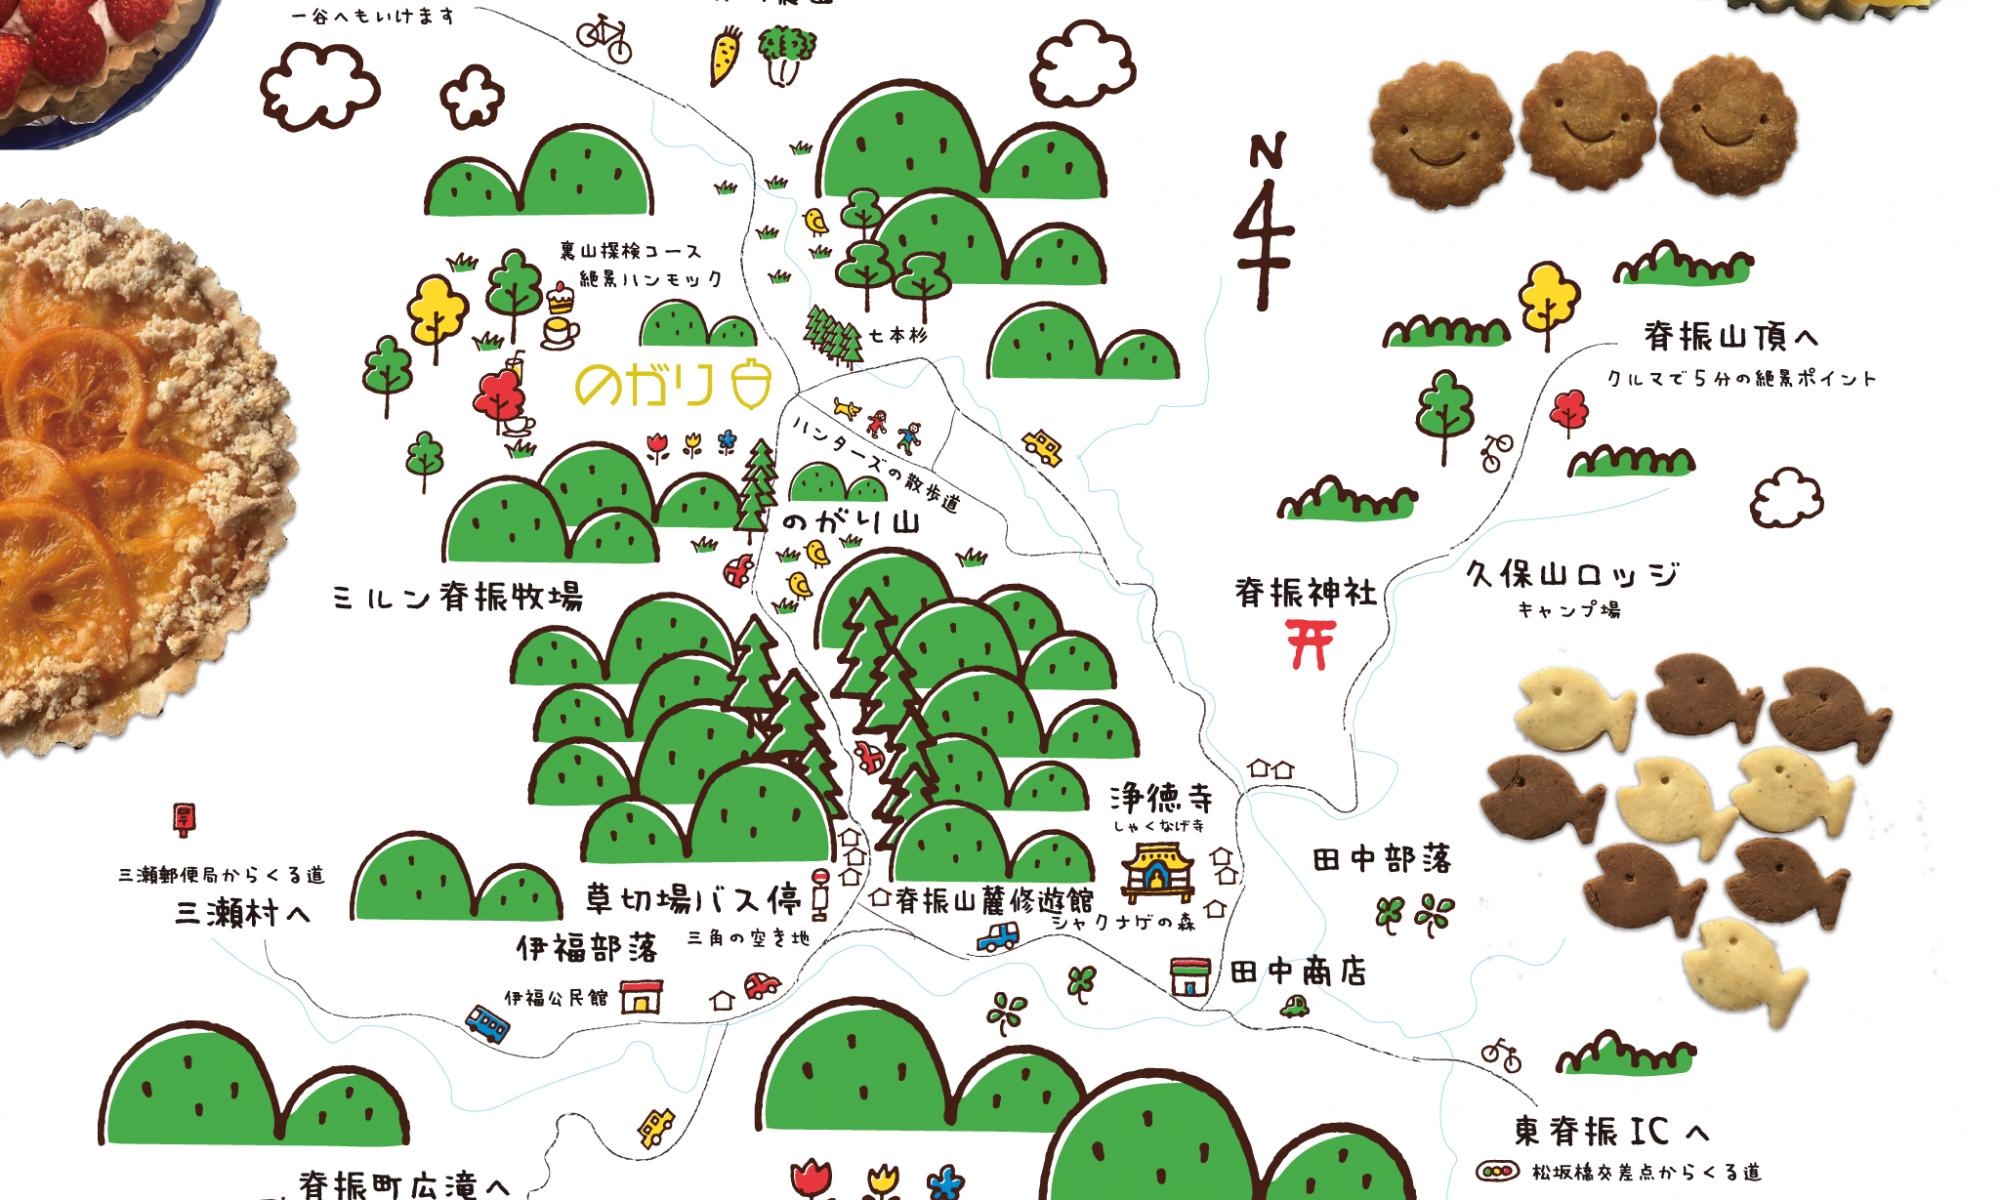 のがりマップ